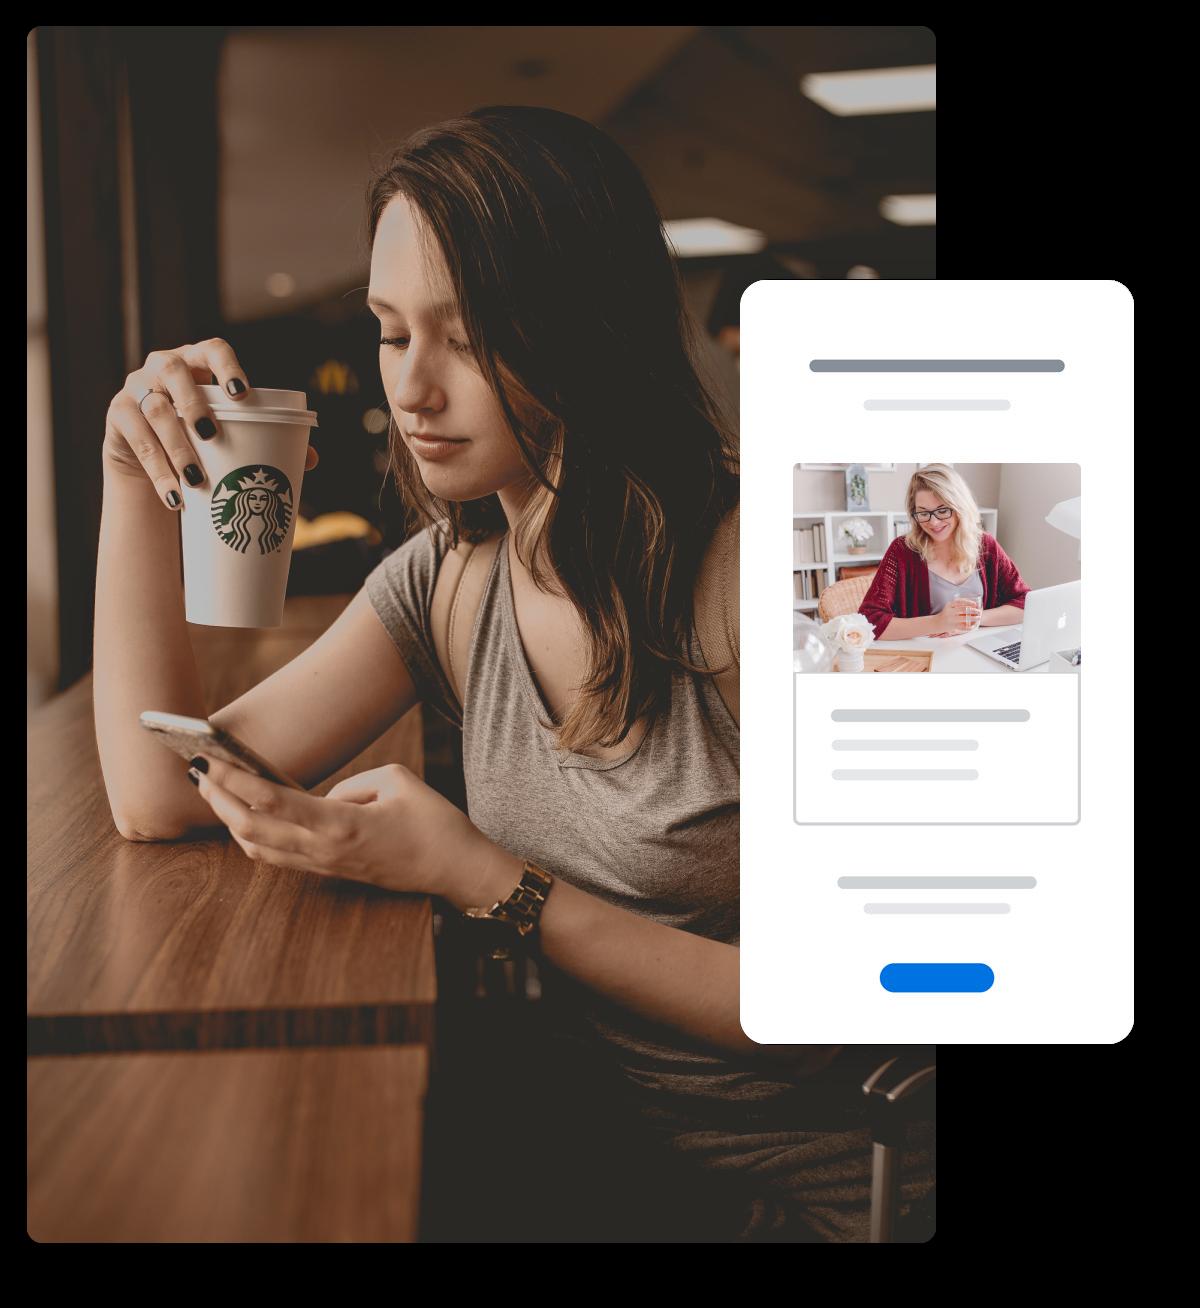 Triovia - Digital Marketing Courses